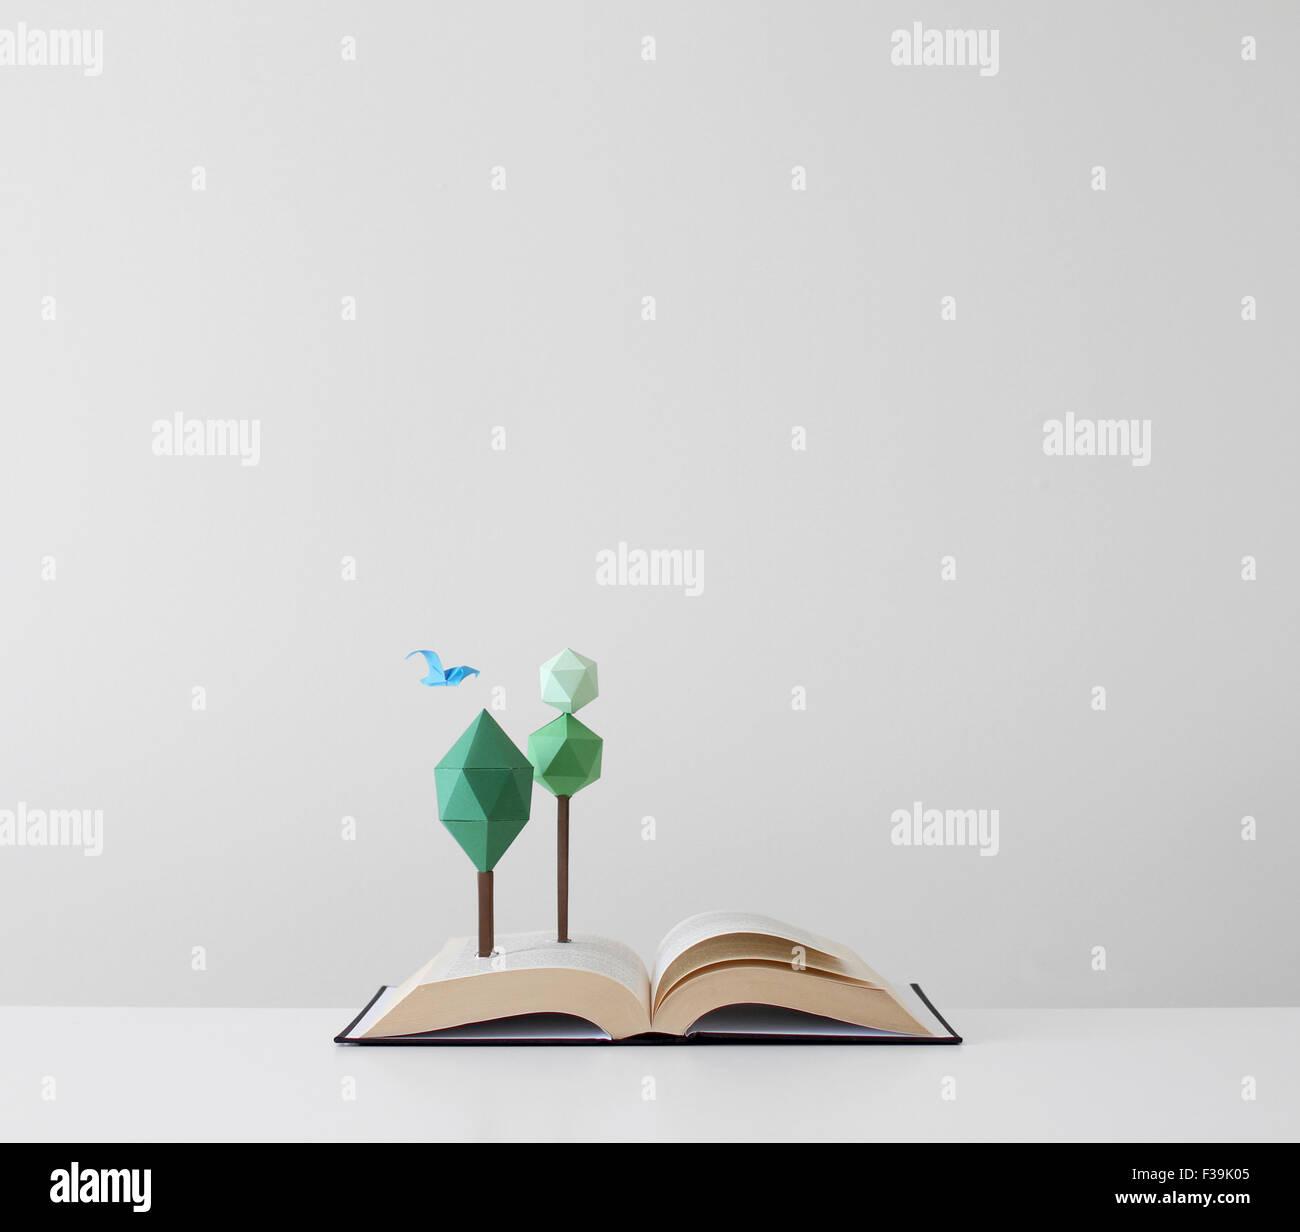 Alberi e bird crescente al di fuori di un libro aperto Immagini Stock